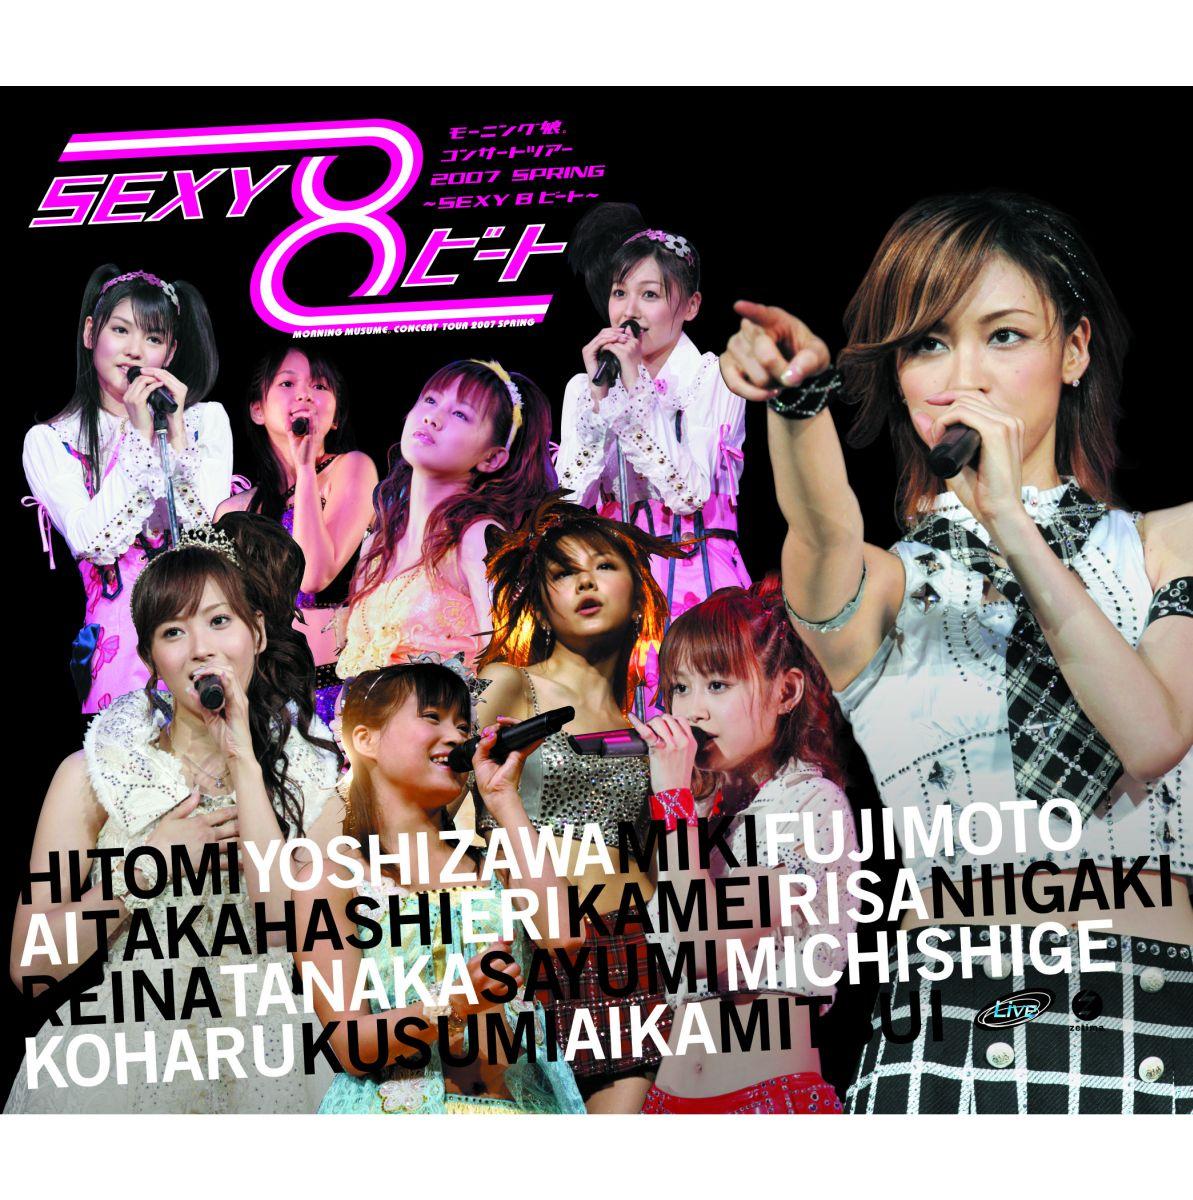 モーニング娘。コンサートツアー2007春 SEXY8ビート【Blu-ray】